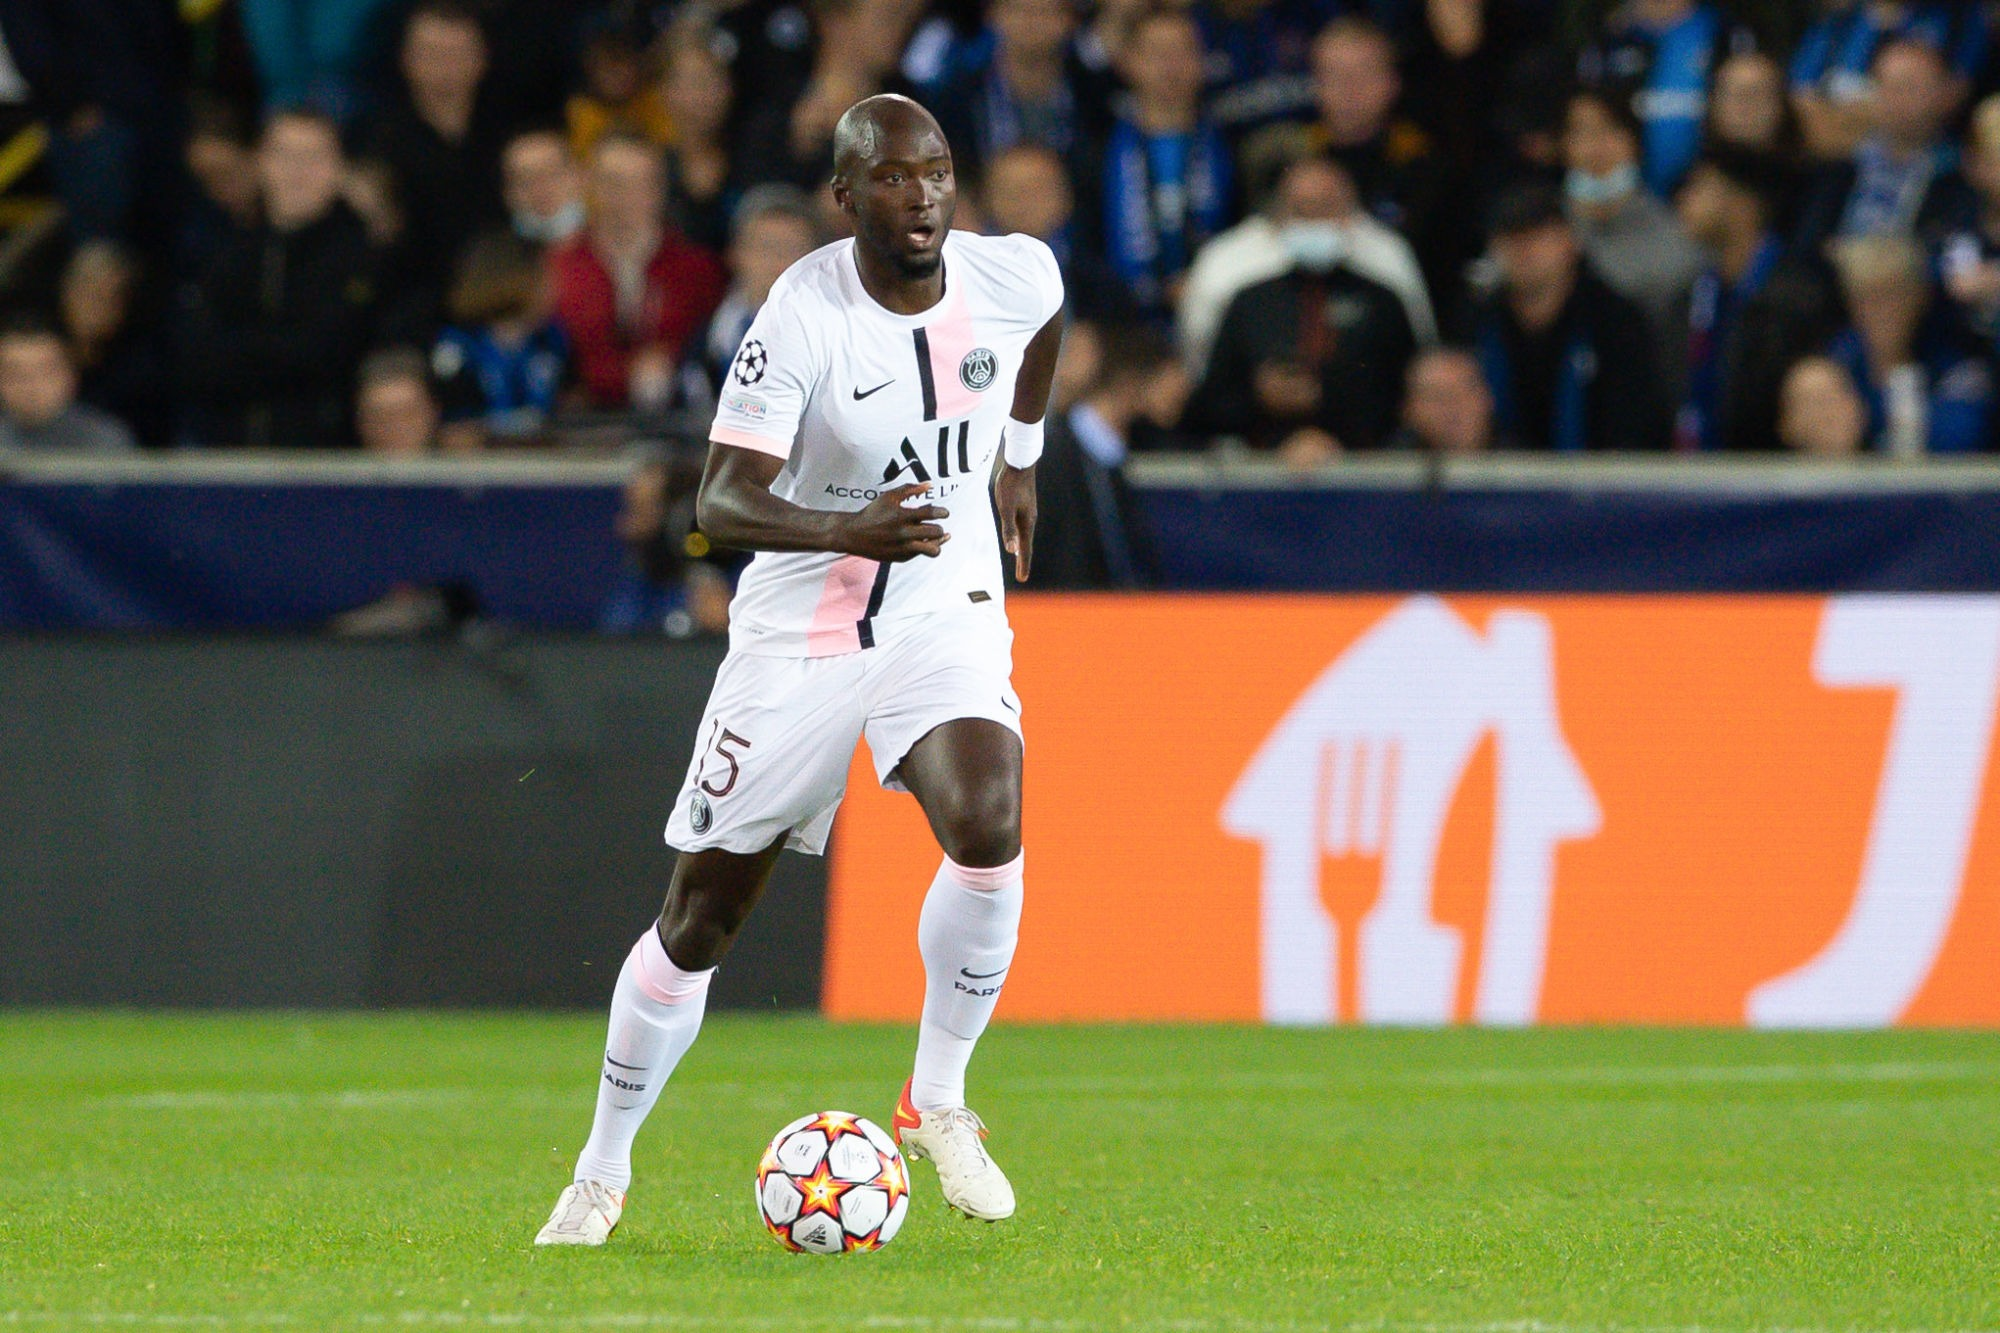 Metz/PSG - Danilo évoques les difficultés mais souligne la victoire à la fin